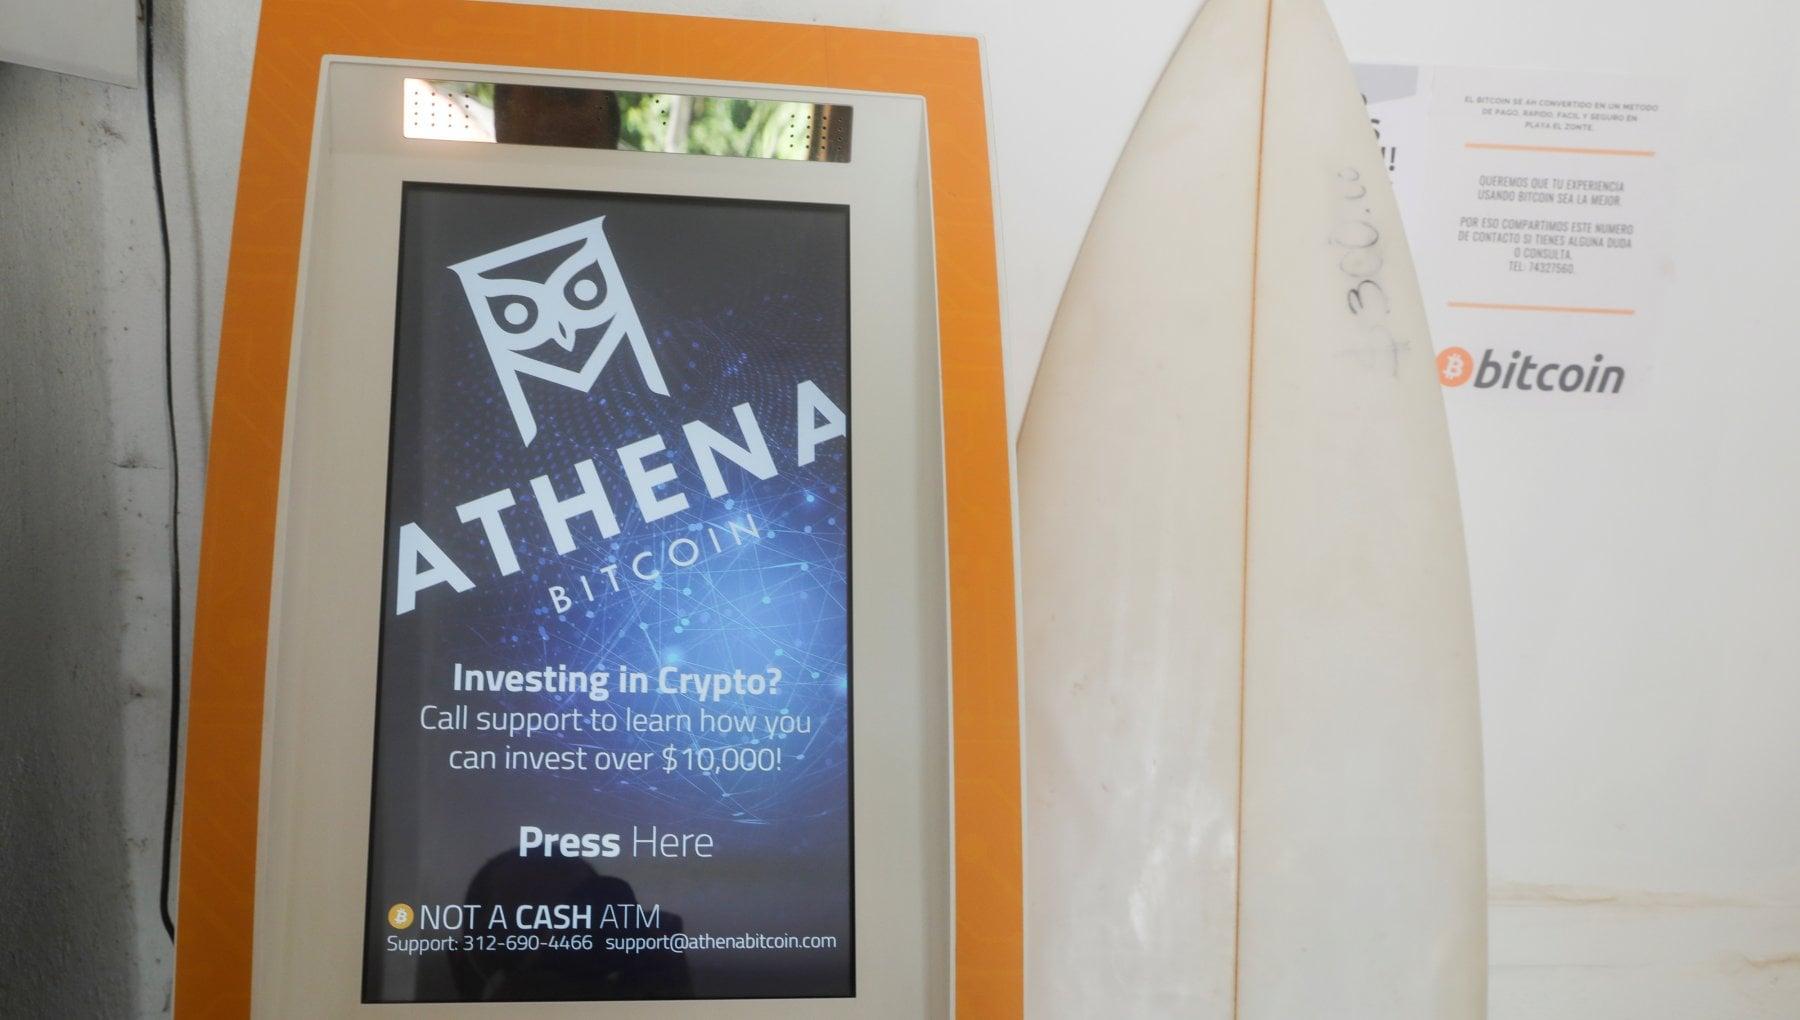 scorte di bitcoin 2021 puoi scambiare bitcoin con denaro contante?